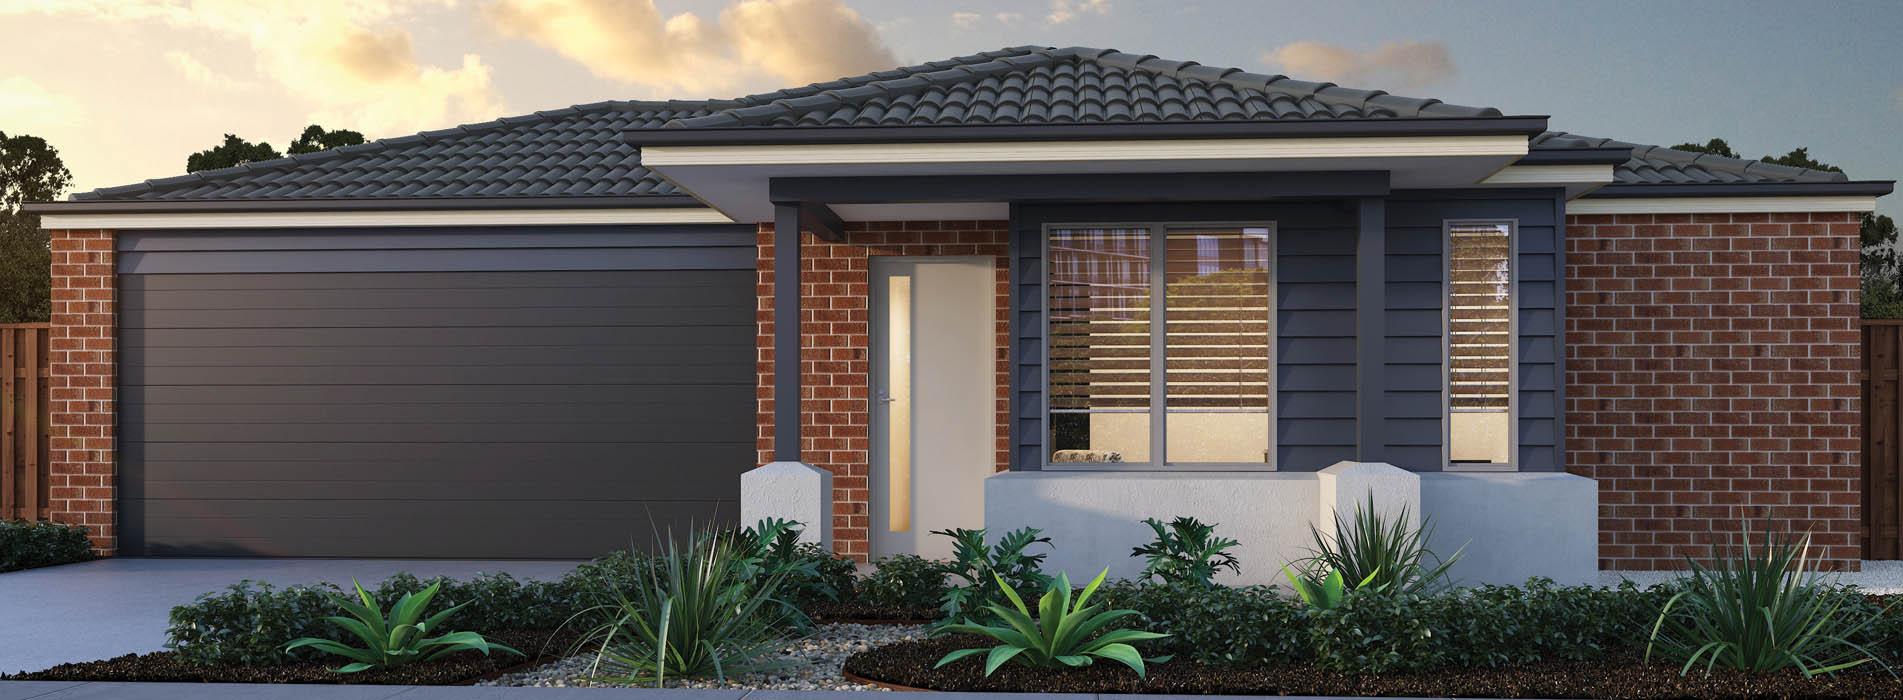 new-home-facade-single